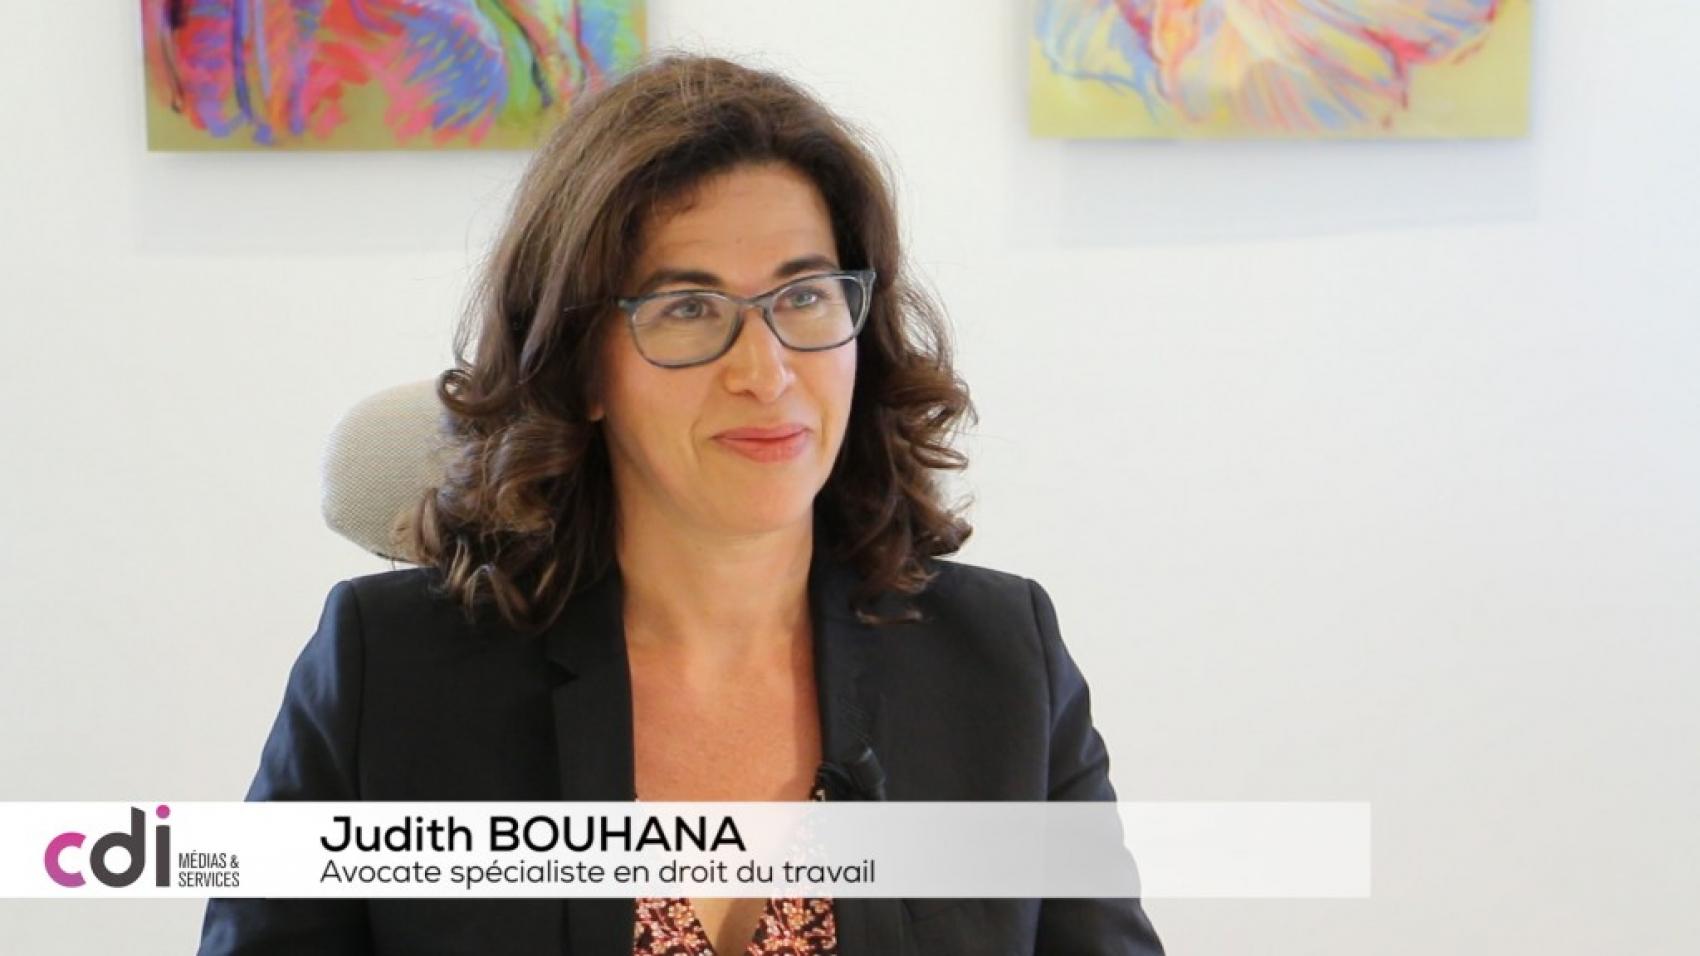 judithbouhana-1024x576